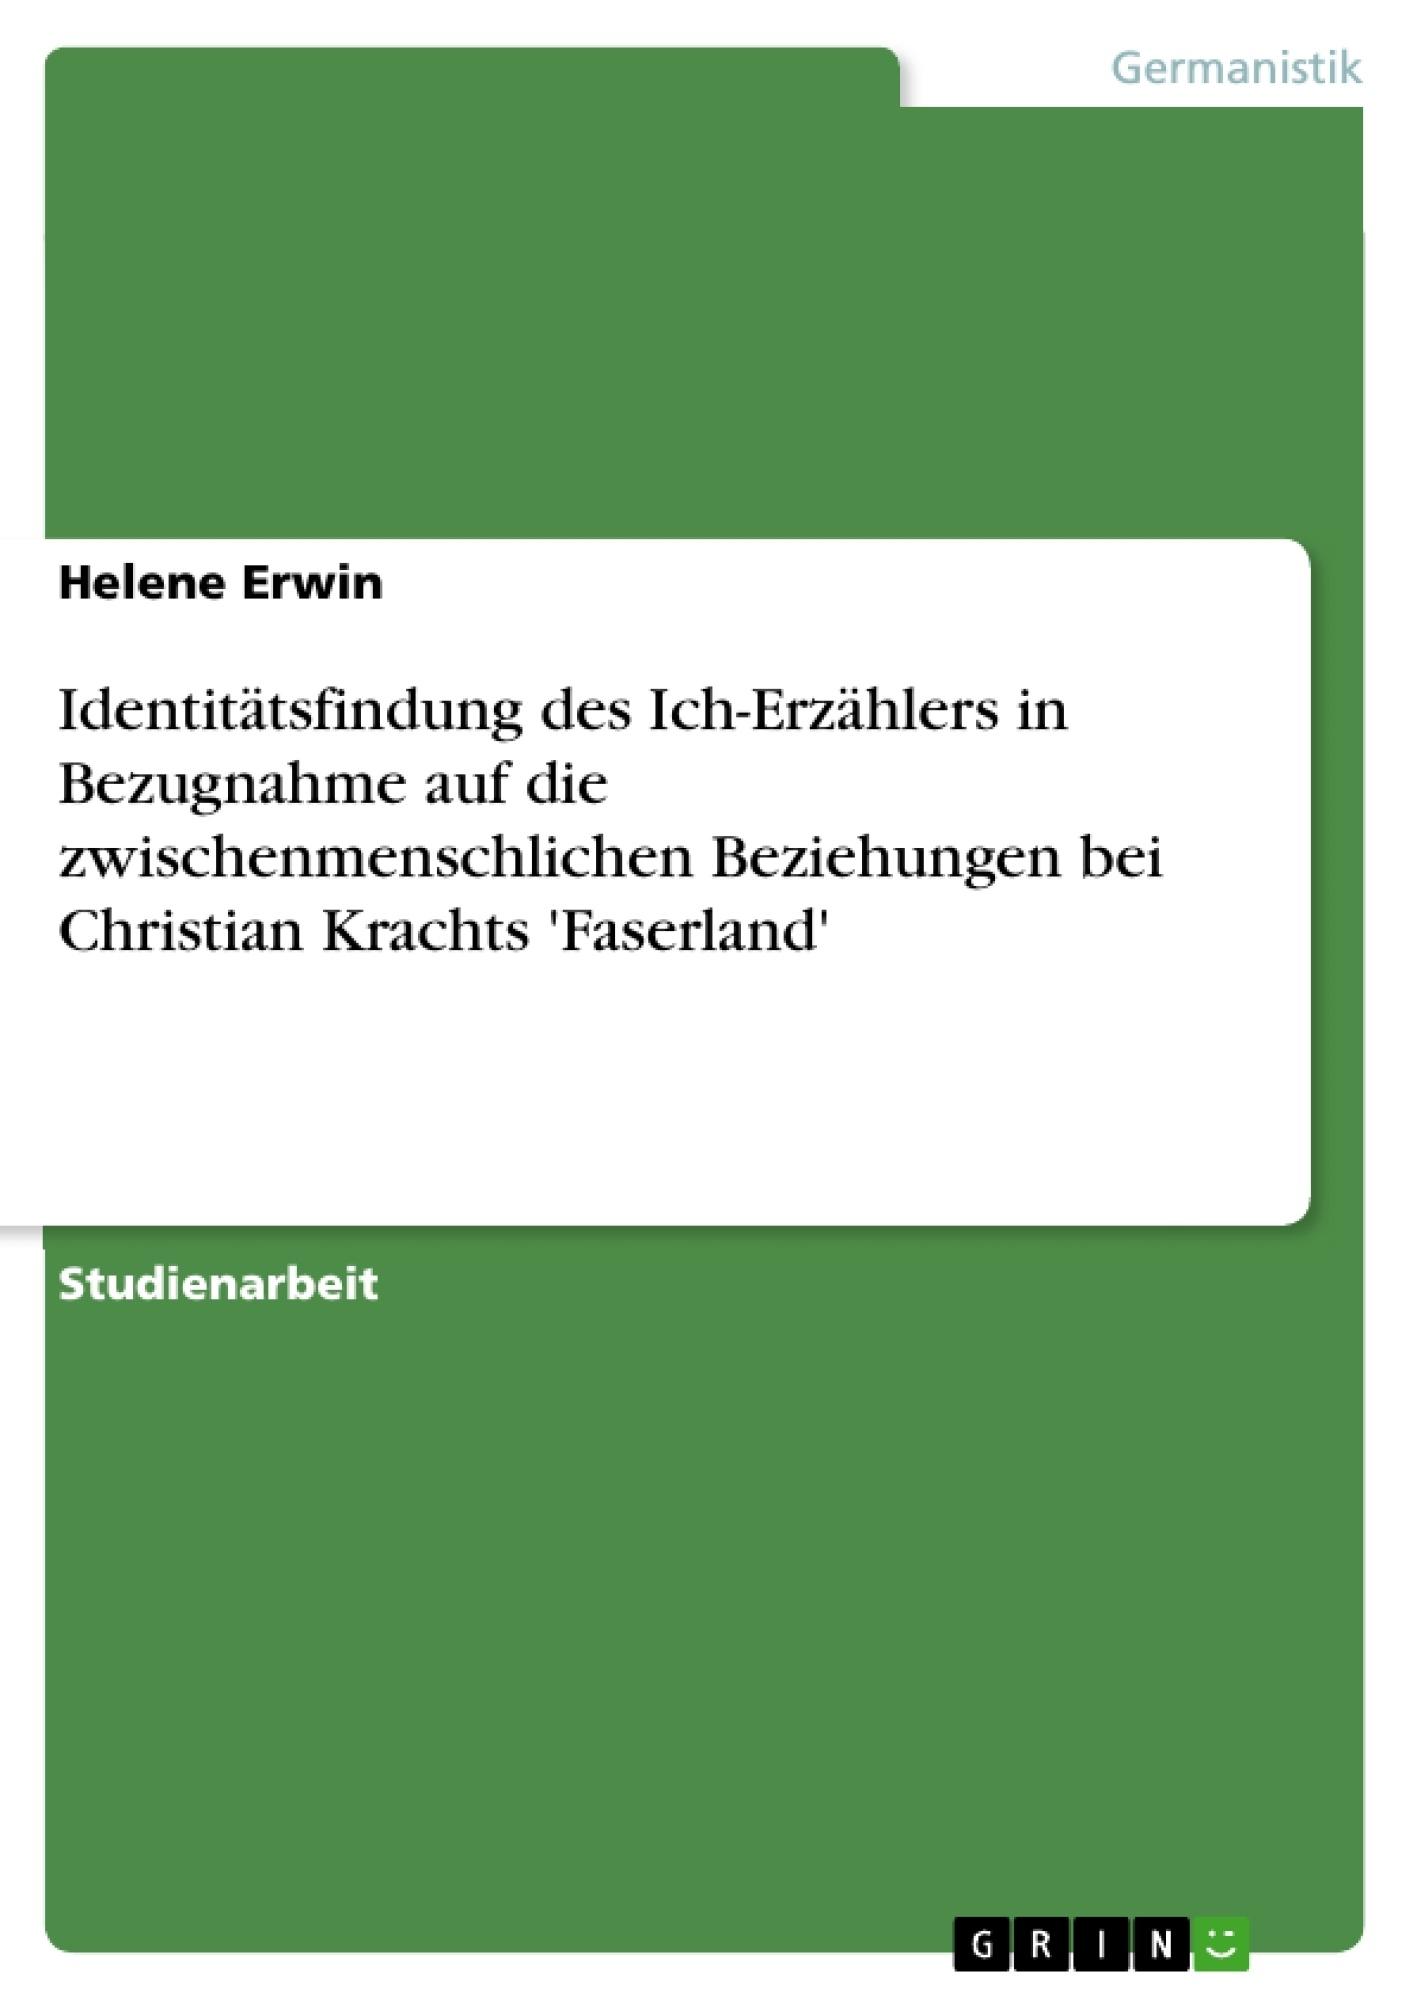 Titel: Identitätsfindung des Ich-Erzählers in Bezugnahme auf die zwischenmenschlichen Beziehungen bei Christian Krachts 'Faserland'